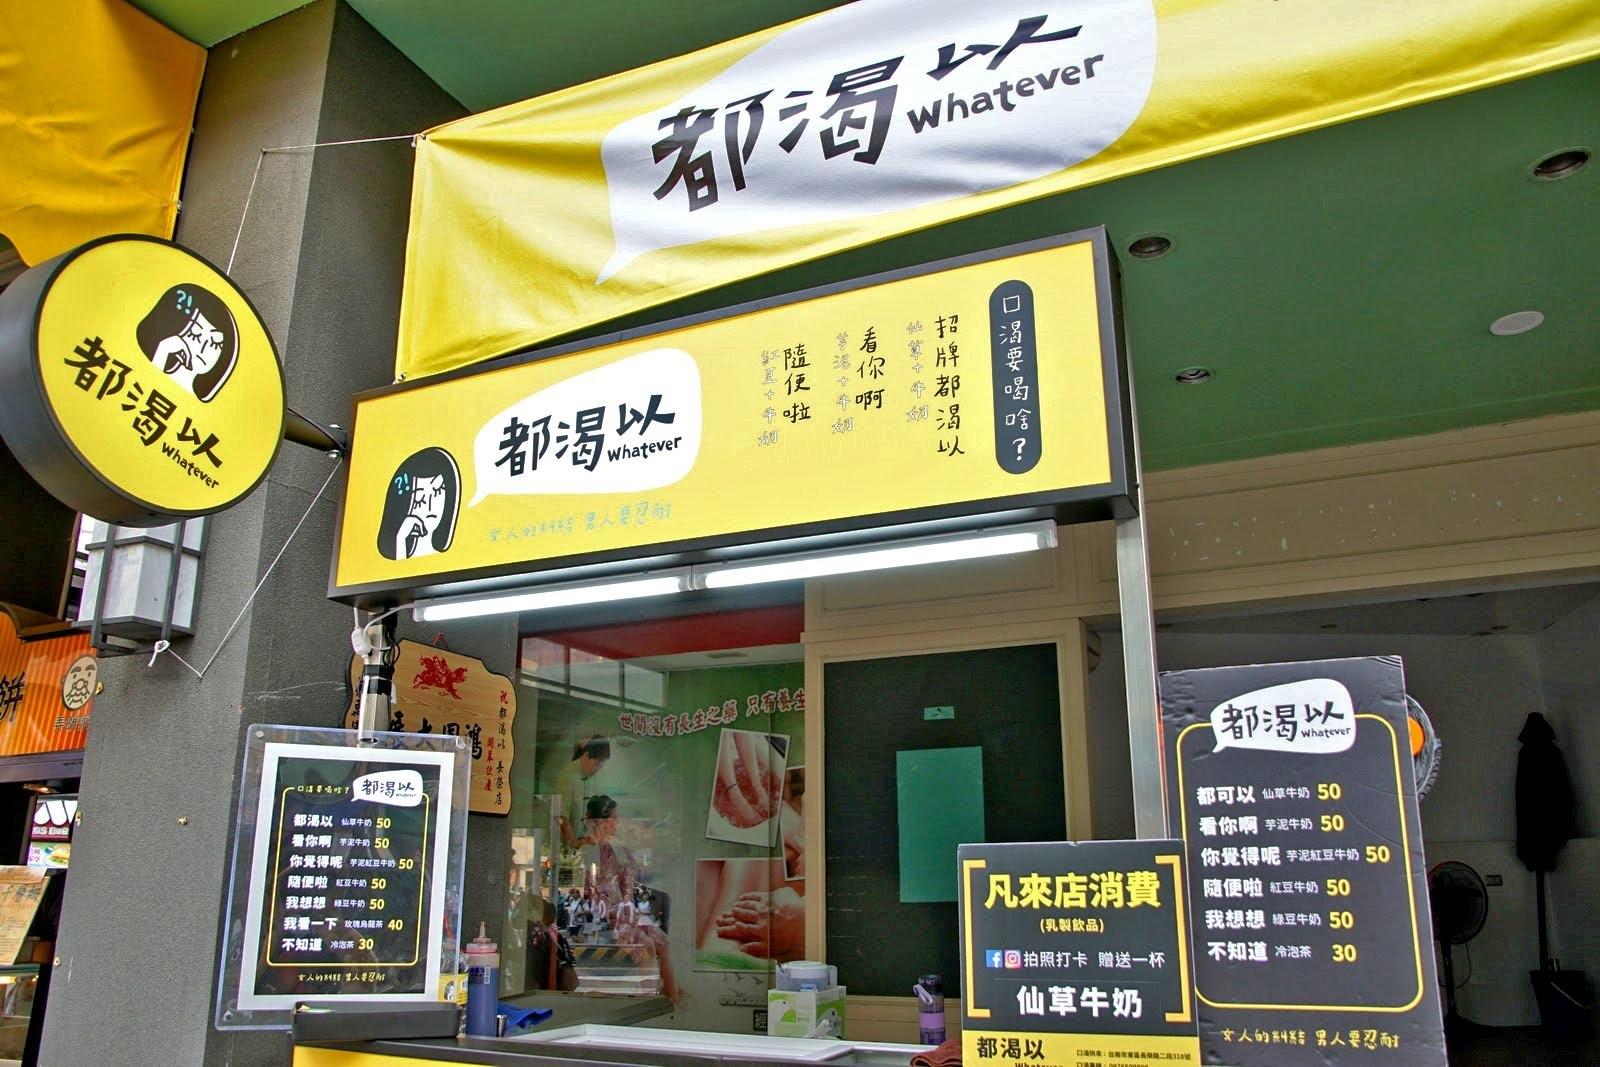 [台南][東區] 都渴以-乳製飲品專賣(台南長榮店)|食記